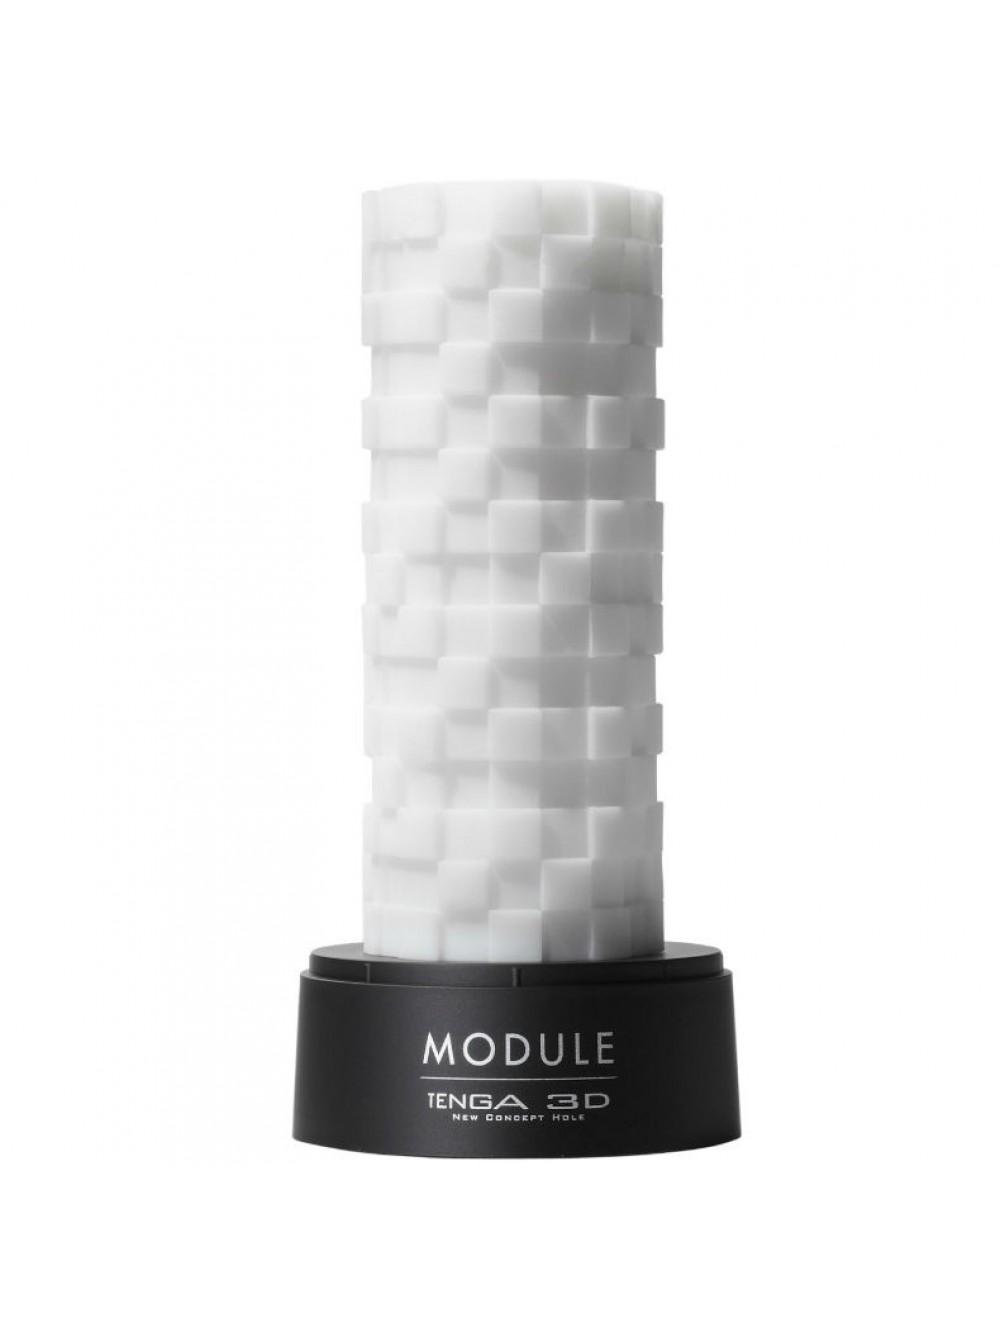 TENGA 3D MODULE SCULPTED ECSTASY 4560220551387